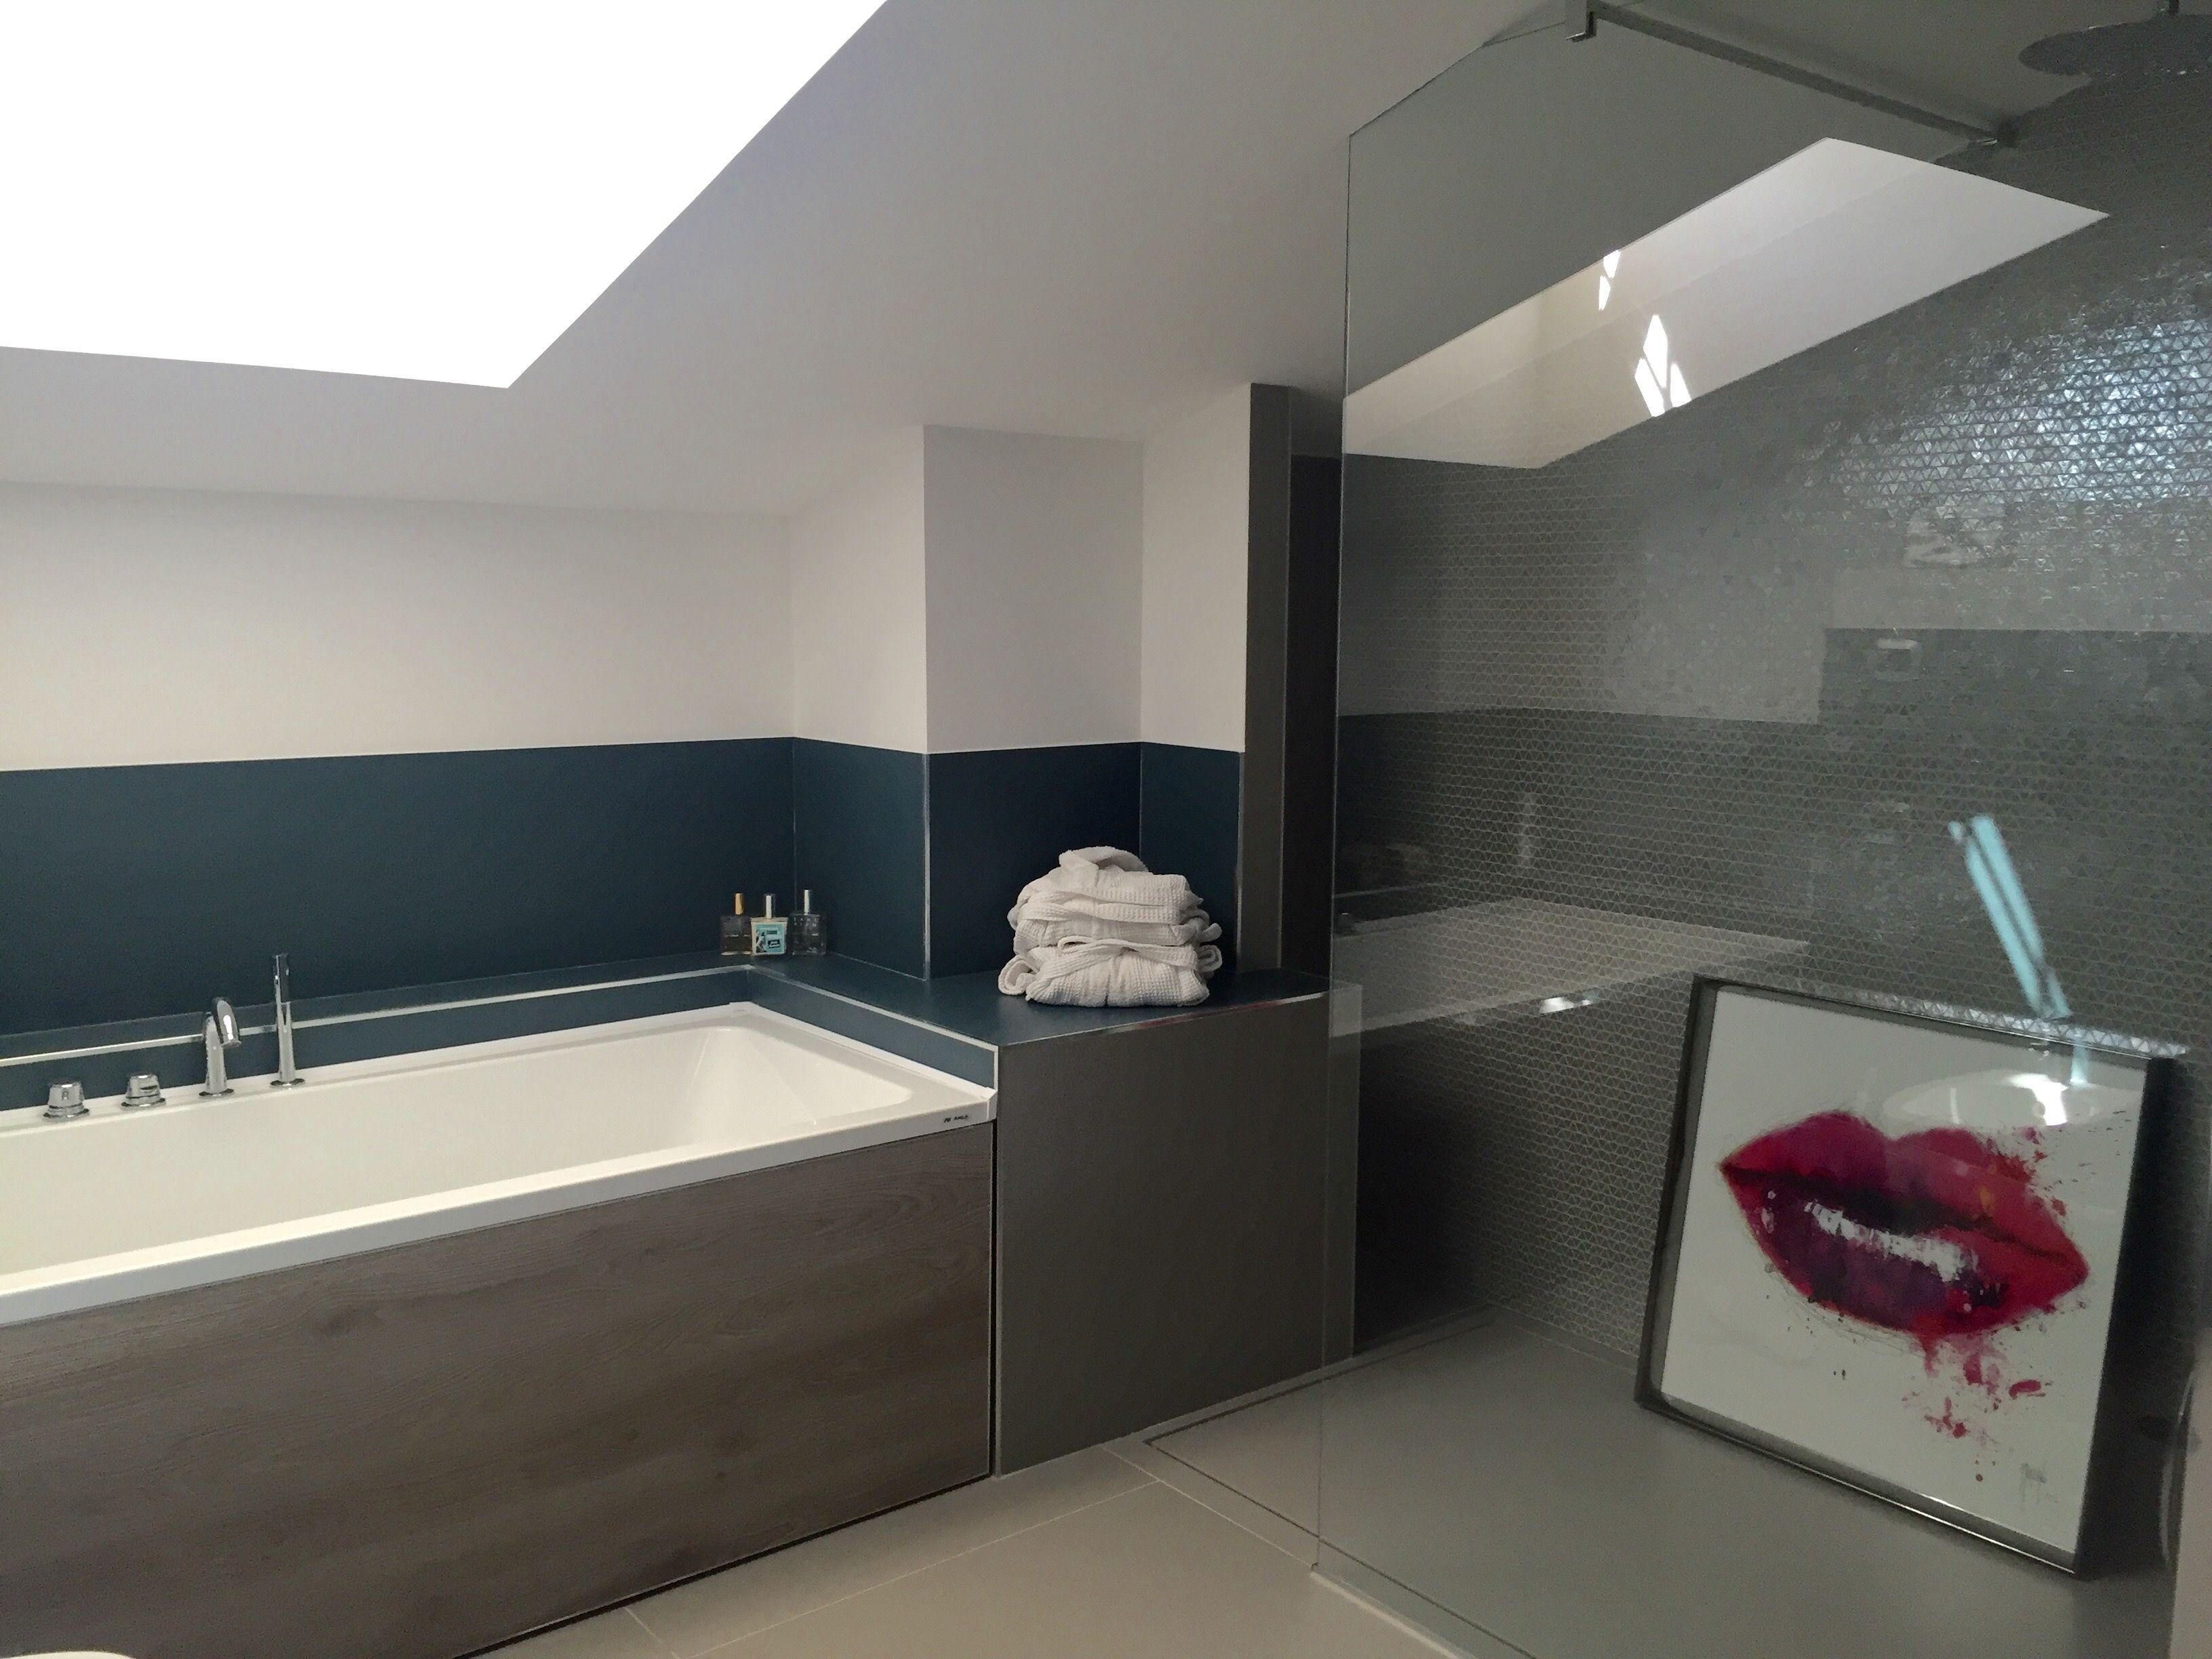 Vasca Da Bagno Piccola Ideal Standard : Bagno ristrutturato materiali usati florim casamood neutra